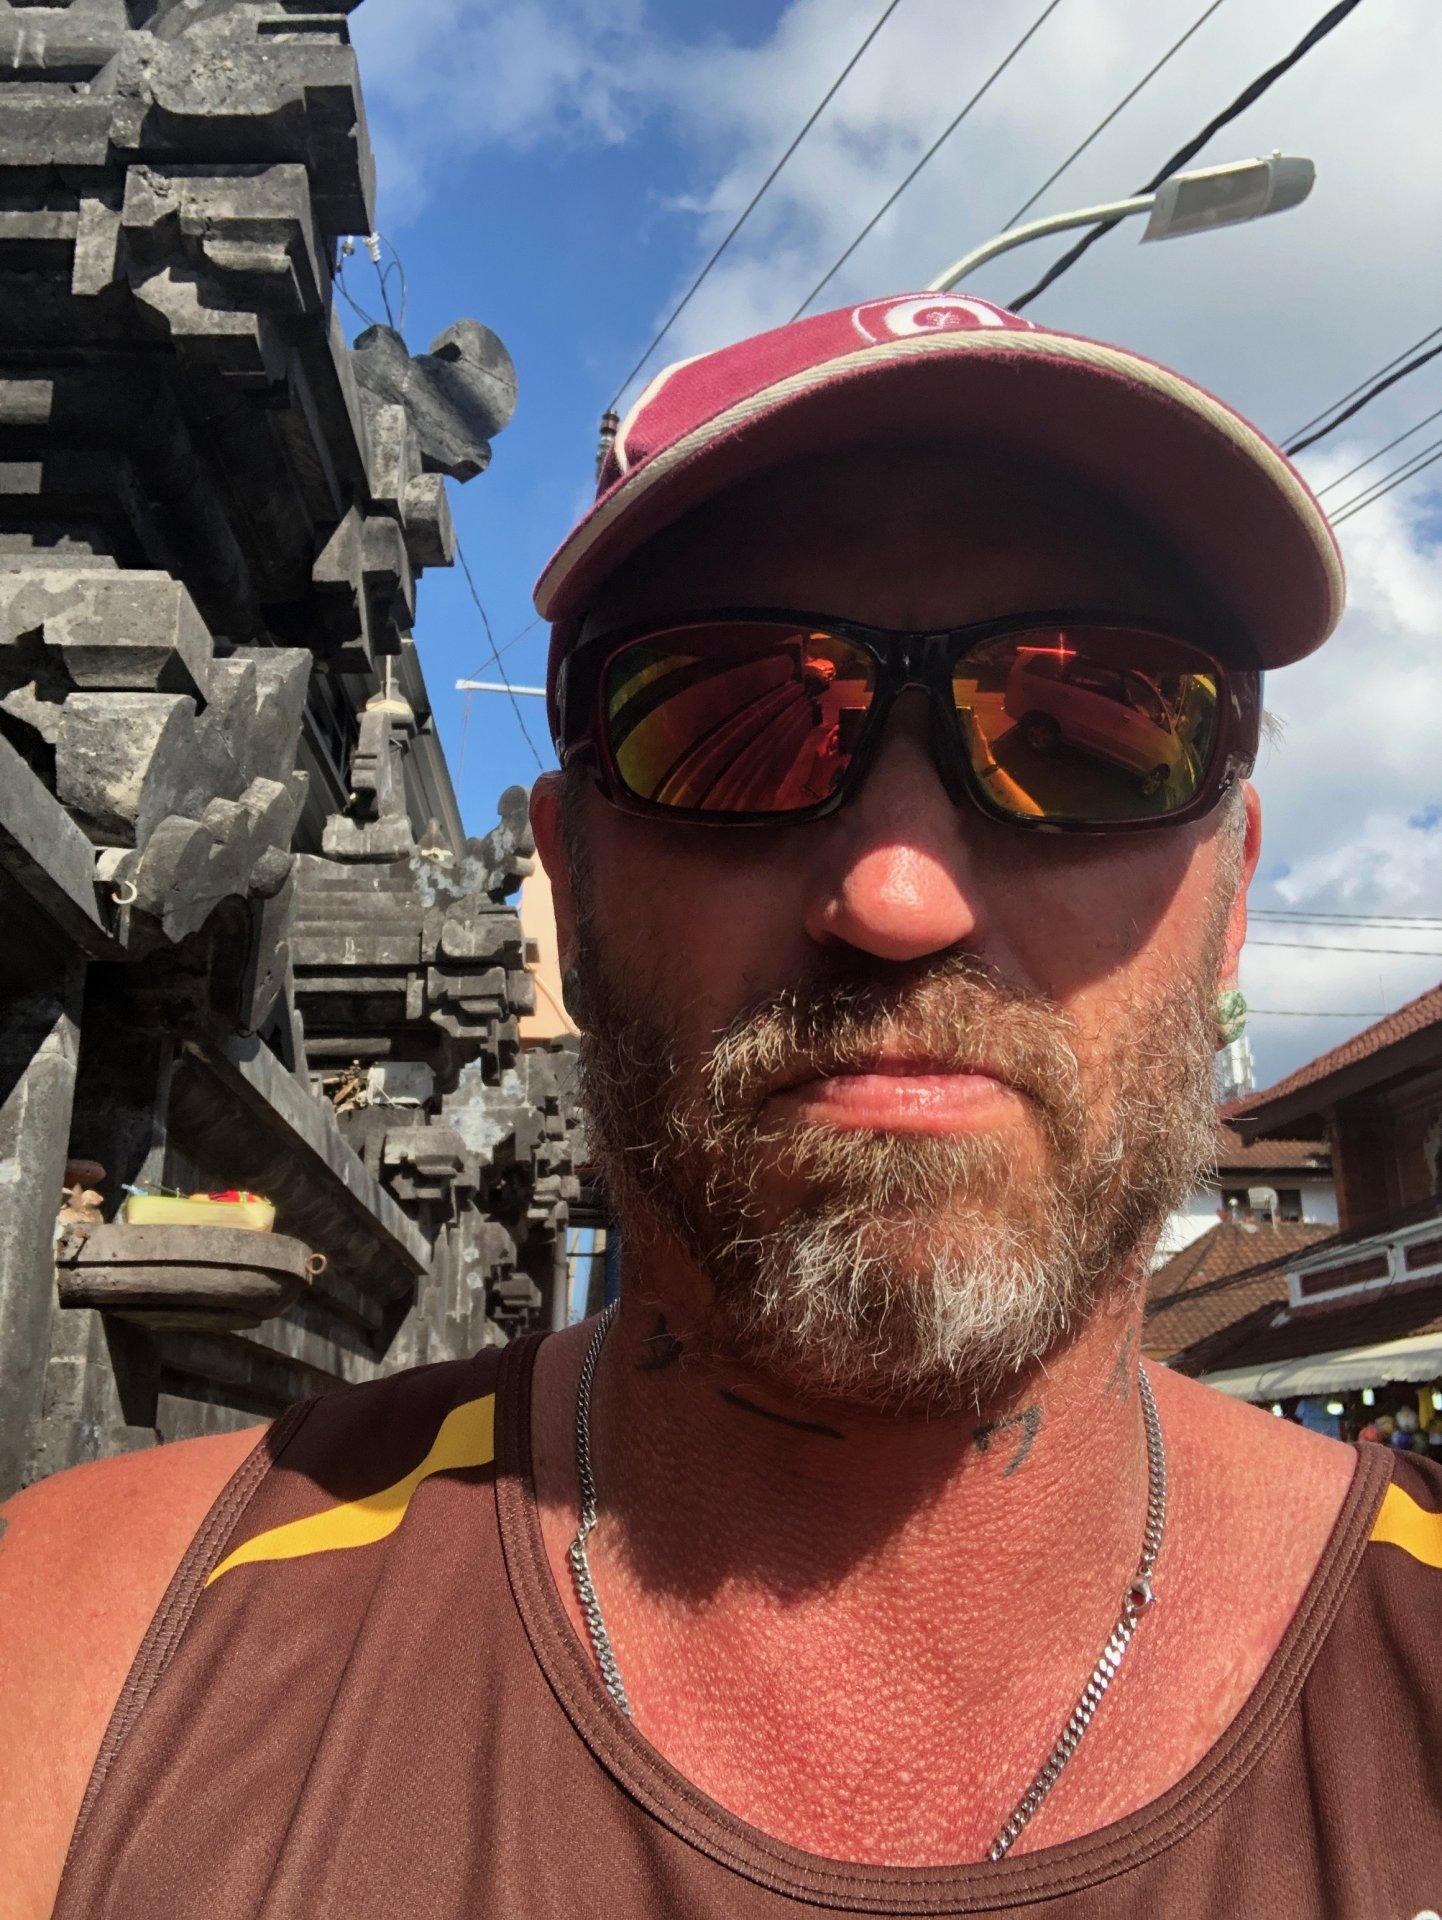 Apls from Queensland,Australia